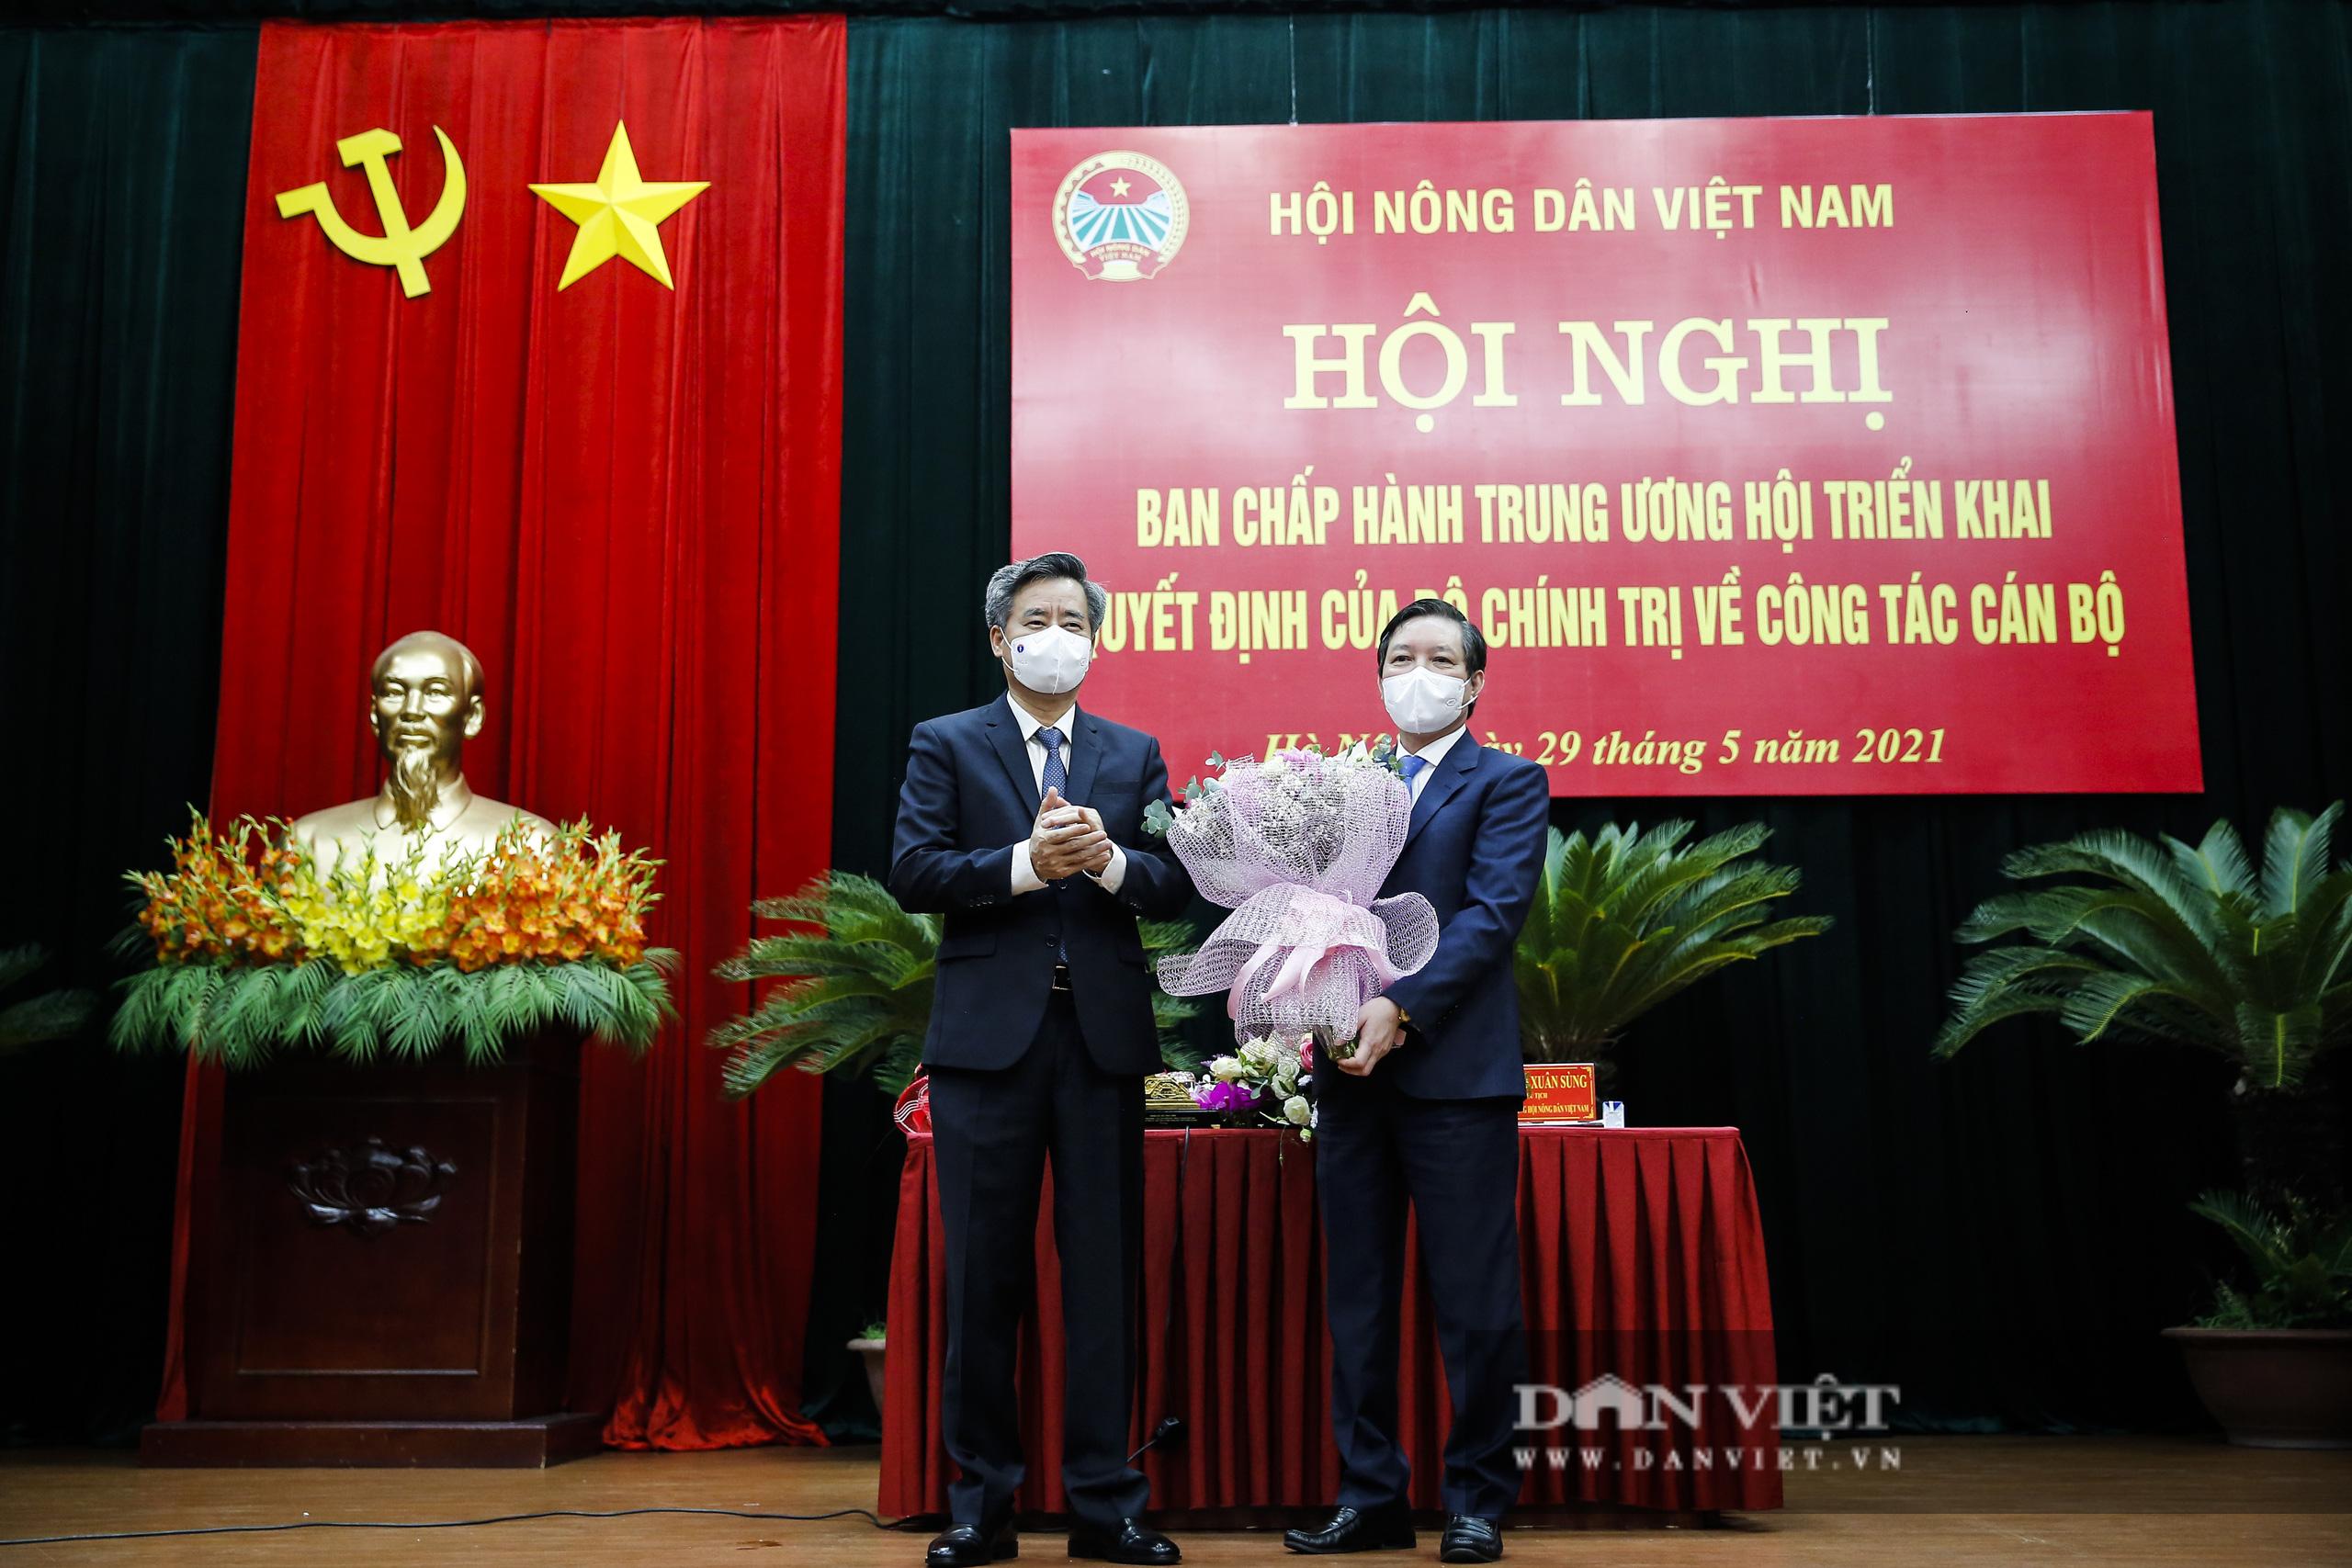 Ảnh: Hội nghị BCH TƯ Hội Nông dân Việt Nam triển khai quyết định của Bộ Chính trị về công tác cán bộ - Ảnh 14.